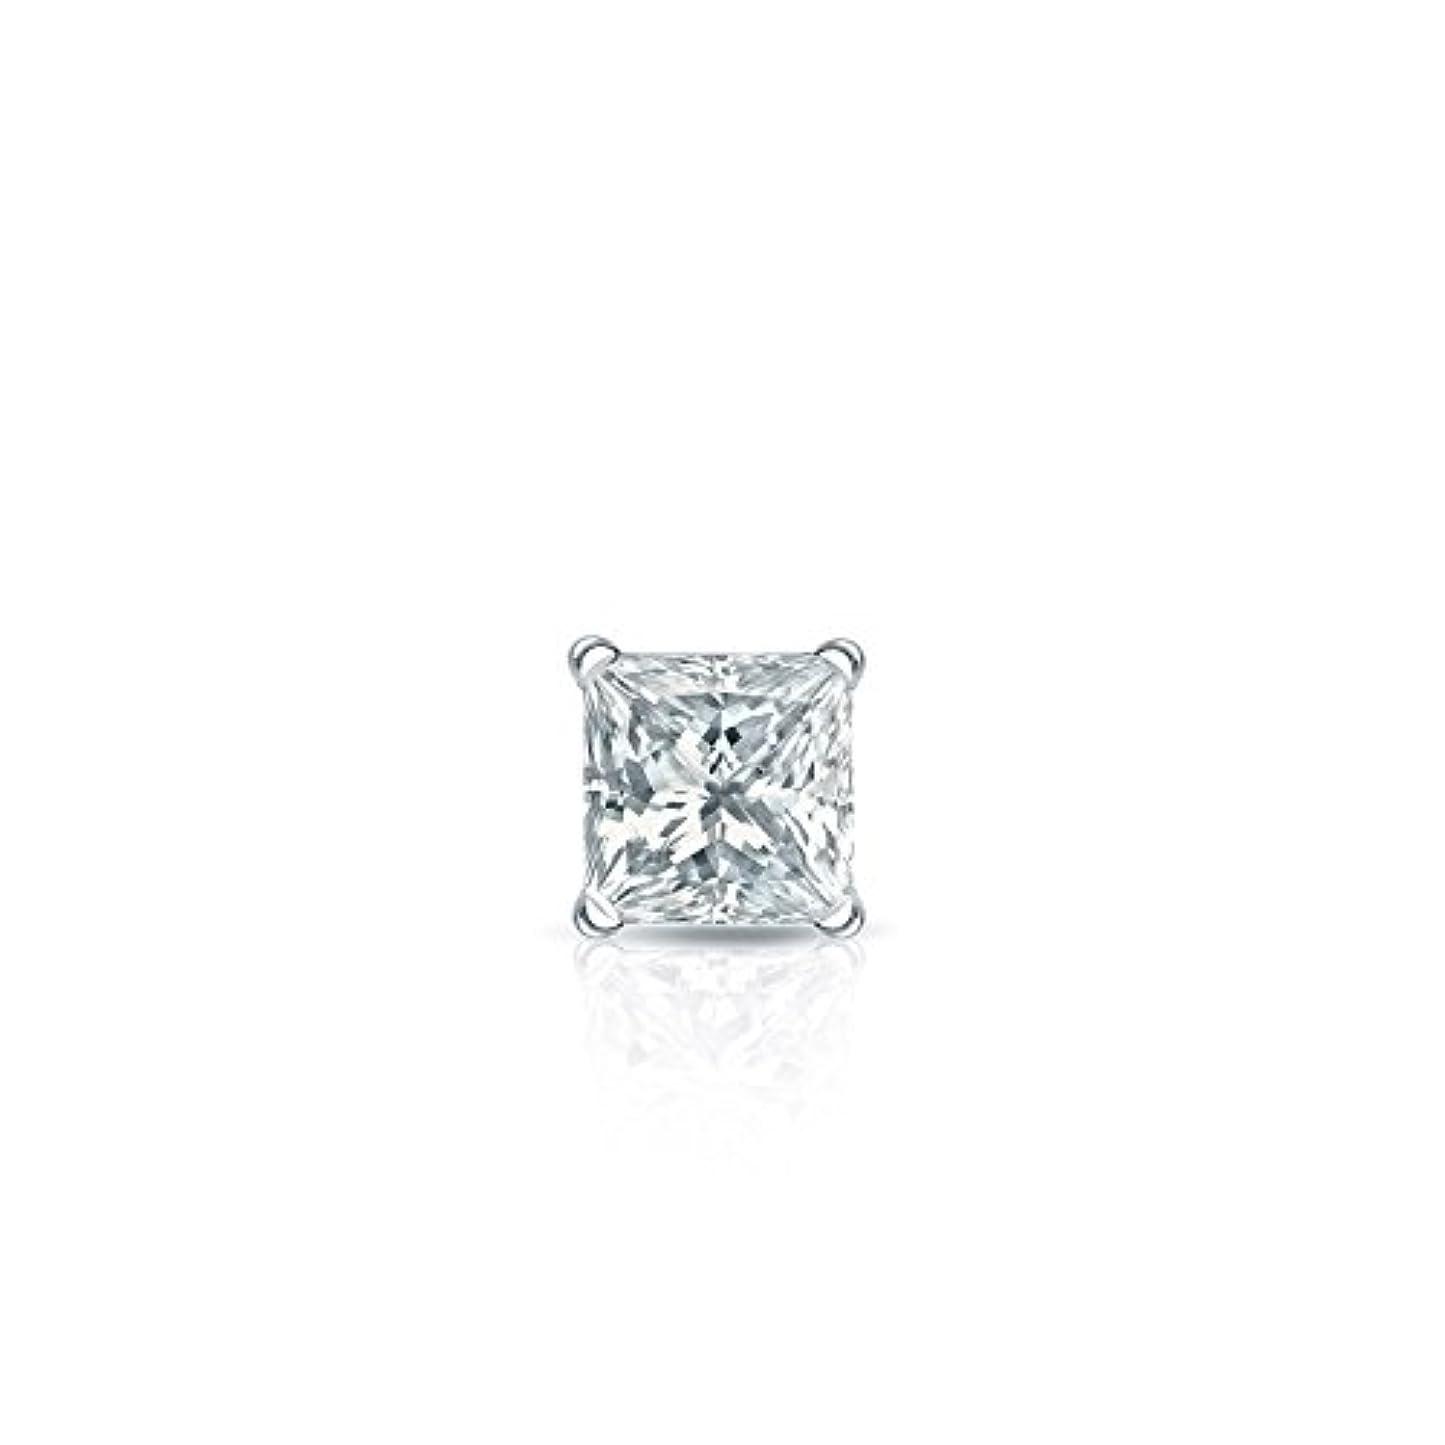 会話くぞっとするような14 Kゴールド4プロングMartiniプリンセスダイヤモンドシングルスタッドイヤリング( 1 / 8 – 1 CT、ホワイト、si1-si2 ) securelockback